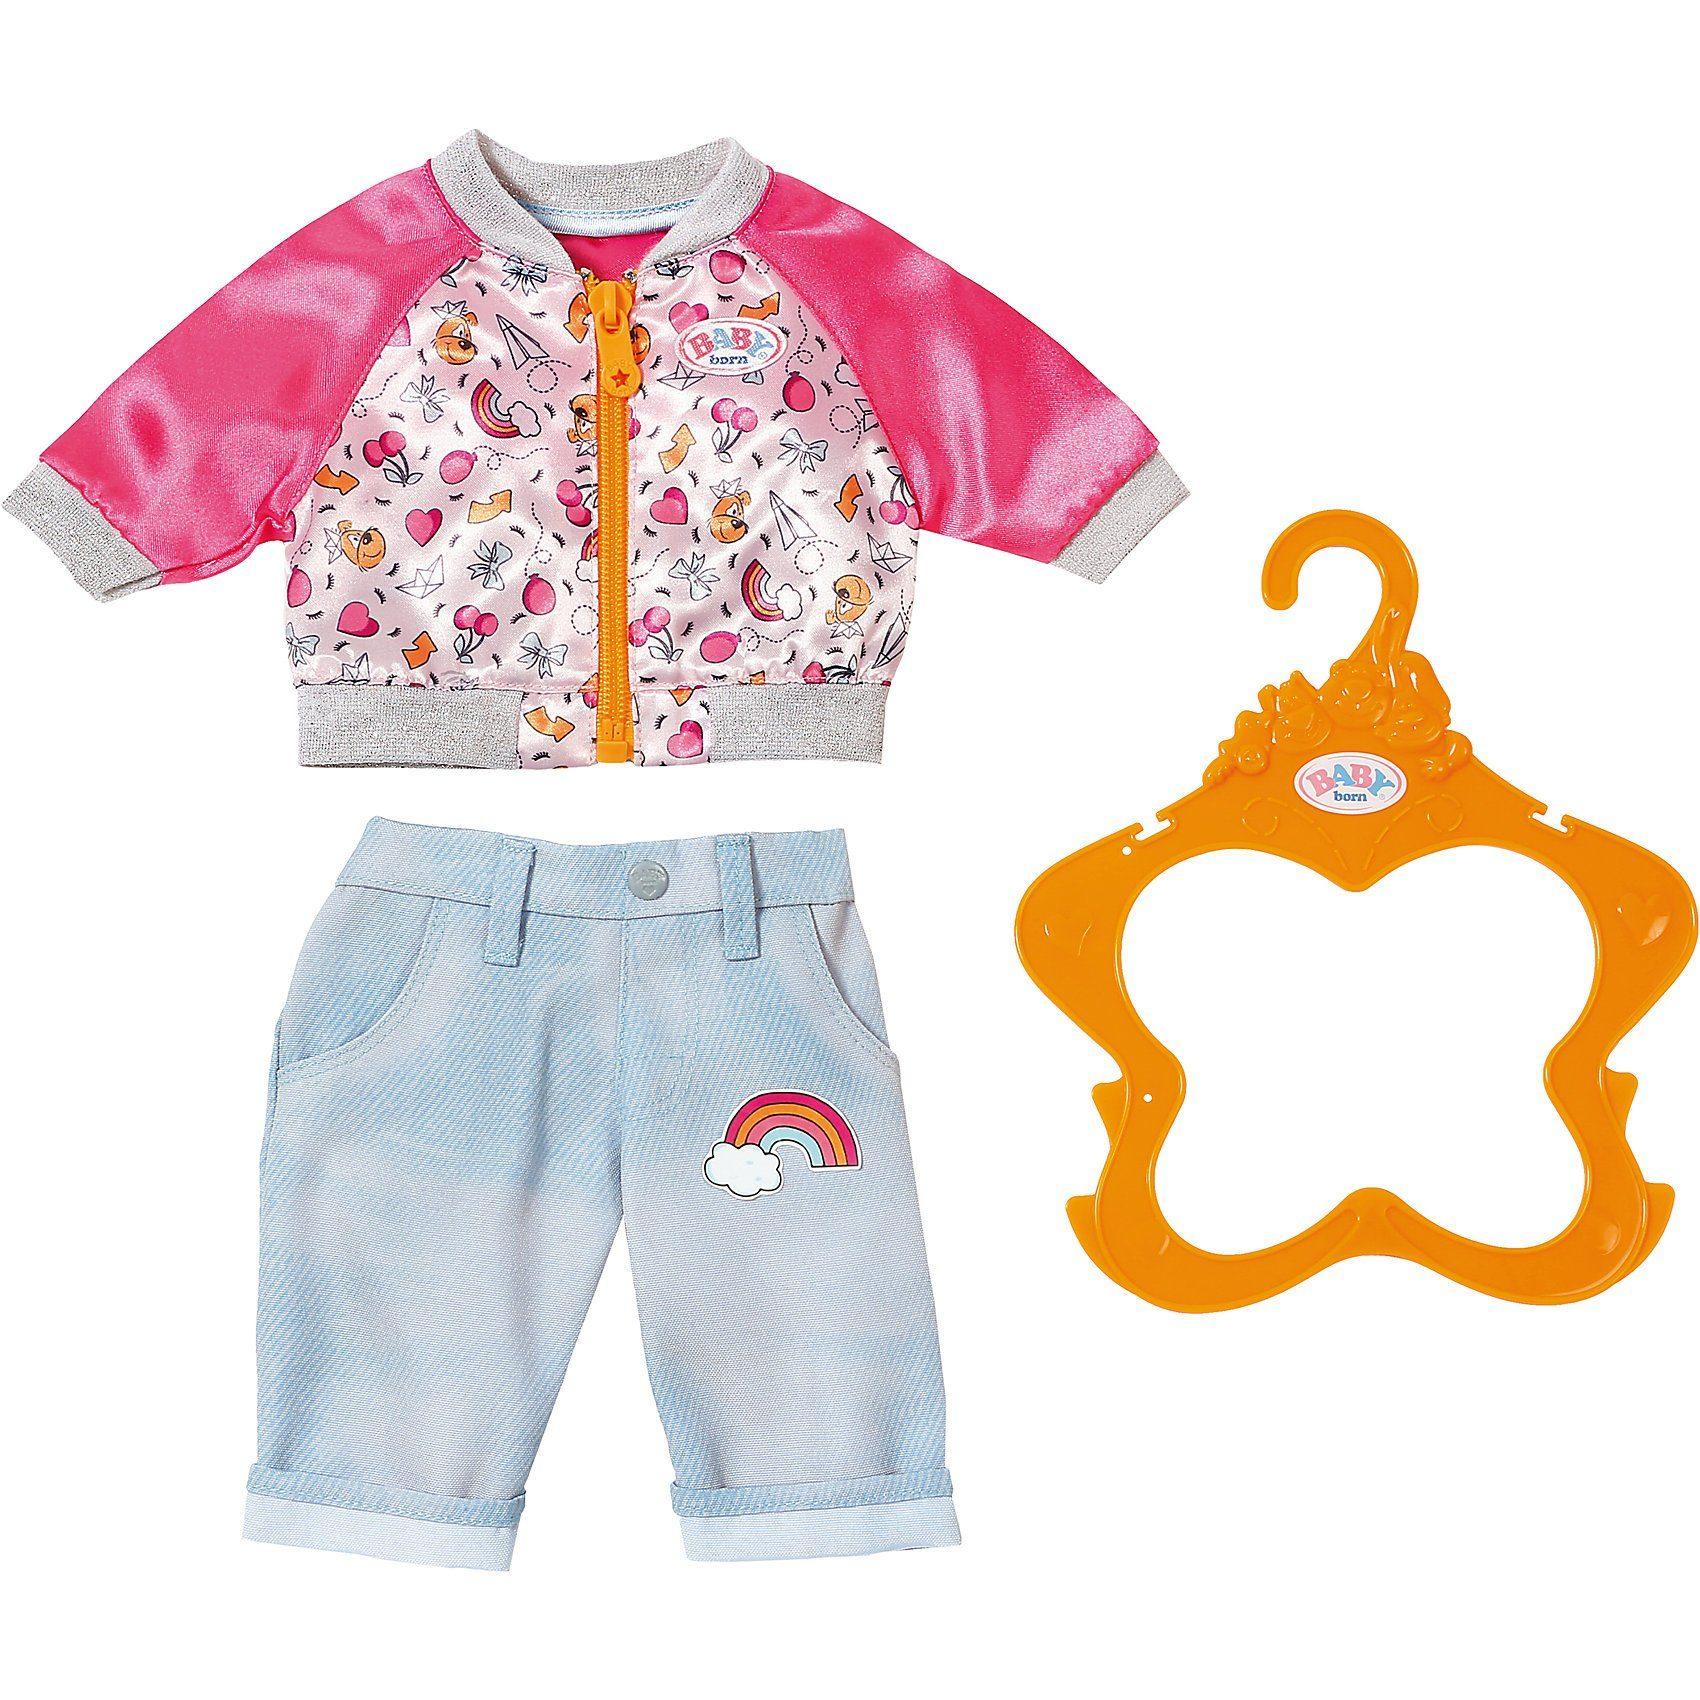 Puppen & Zubehör Kleidung & Accessoires BABY born® Strampler Kollektion Zapf Puppenbekleidung Größe 43